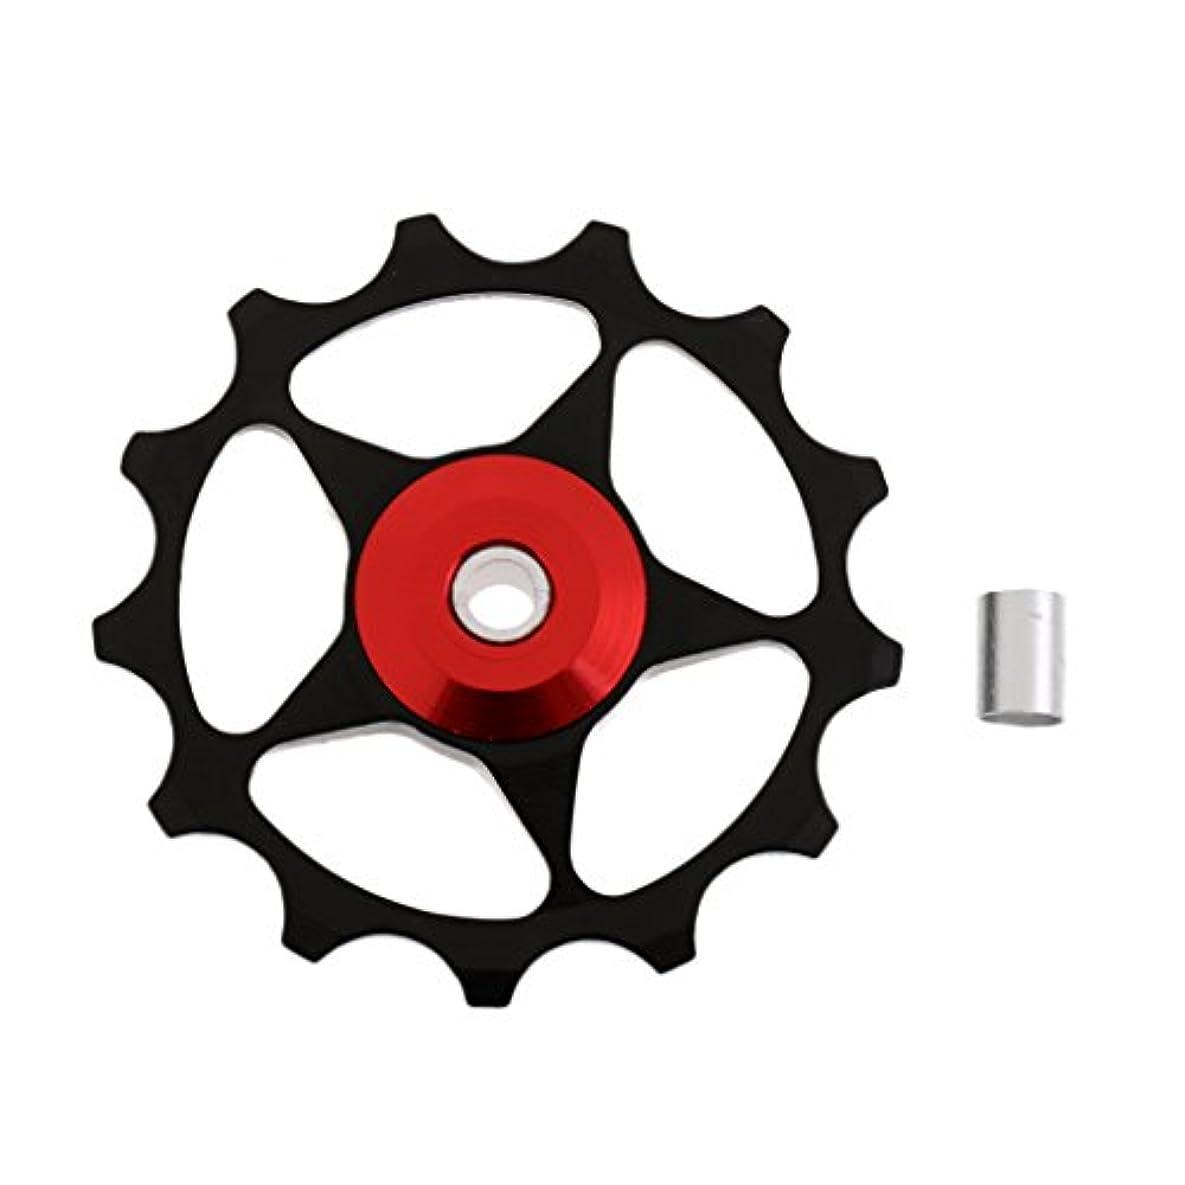 甘美なりデザイナーノーブランド品 13T  MTB  ベアリング  ジョッキー ホイール プーリー  ロードバイク 自転車  リアディレイラー 4色選べる  - ブラック, 5cm